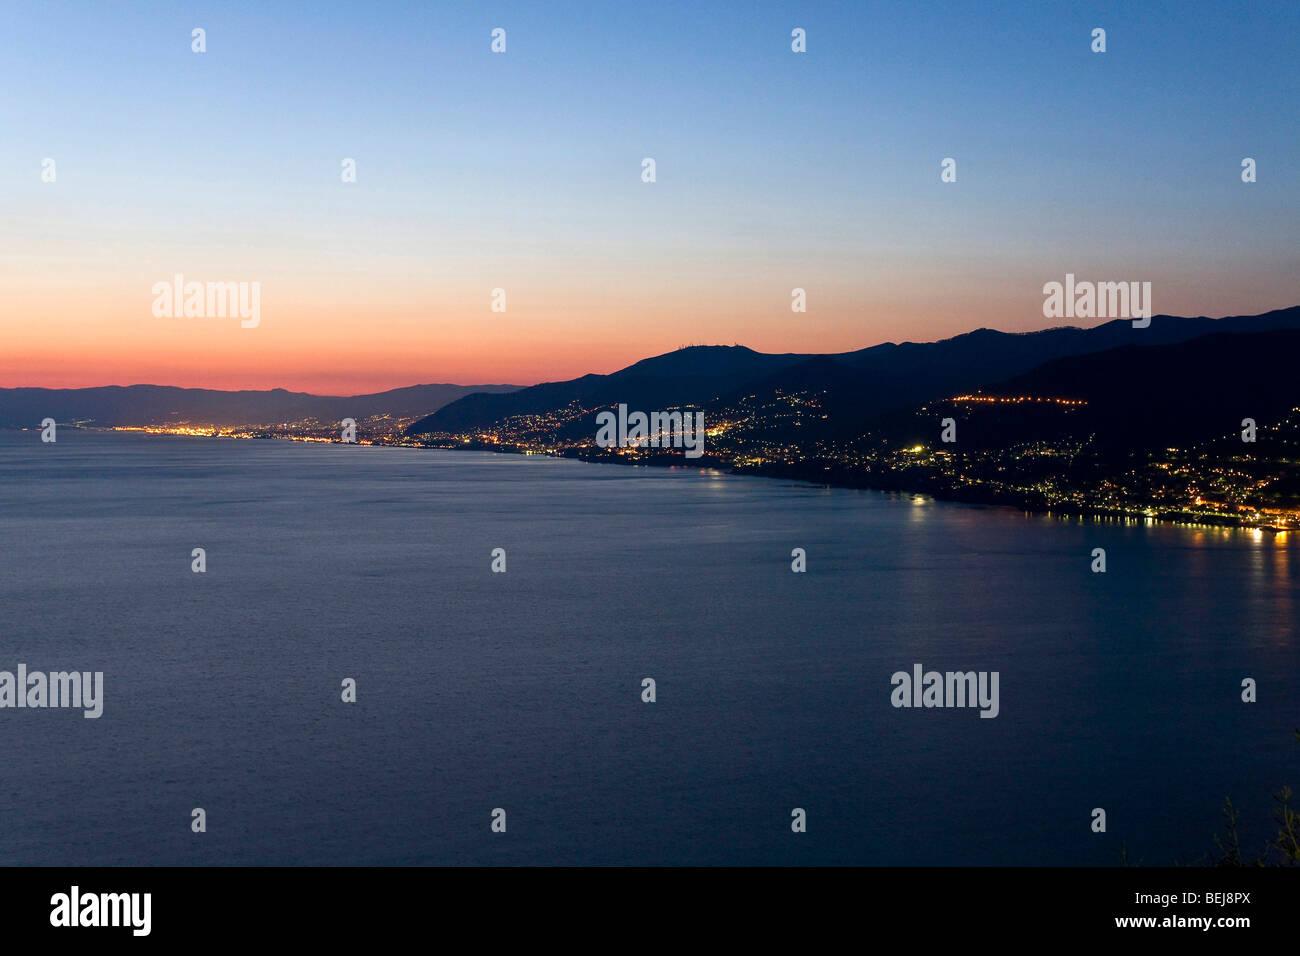 Landscape from S. Rocco di Camogli, Ligury, Italy - Stock Image